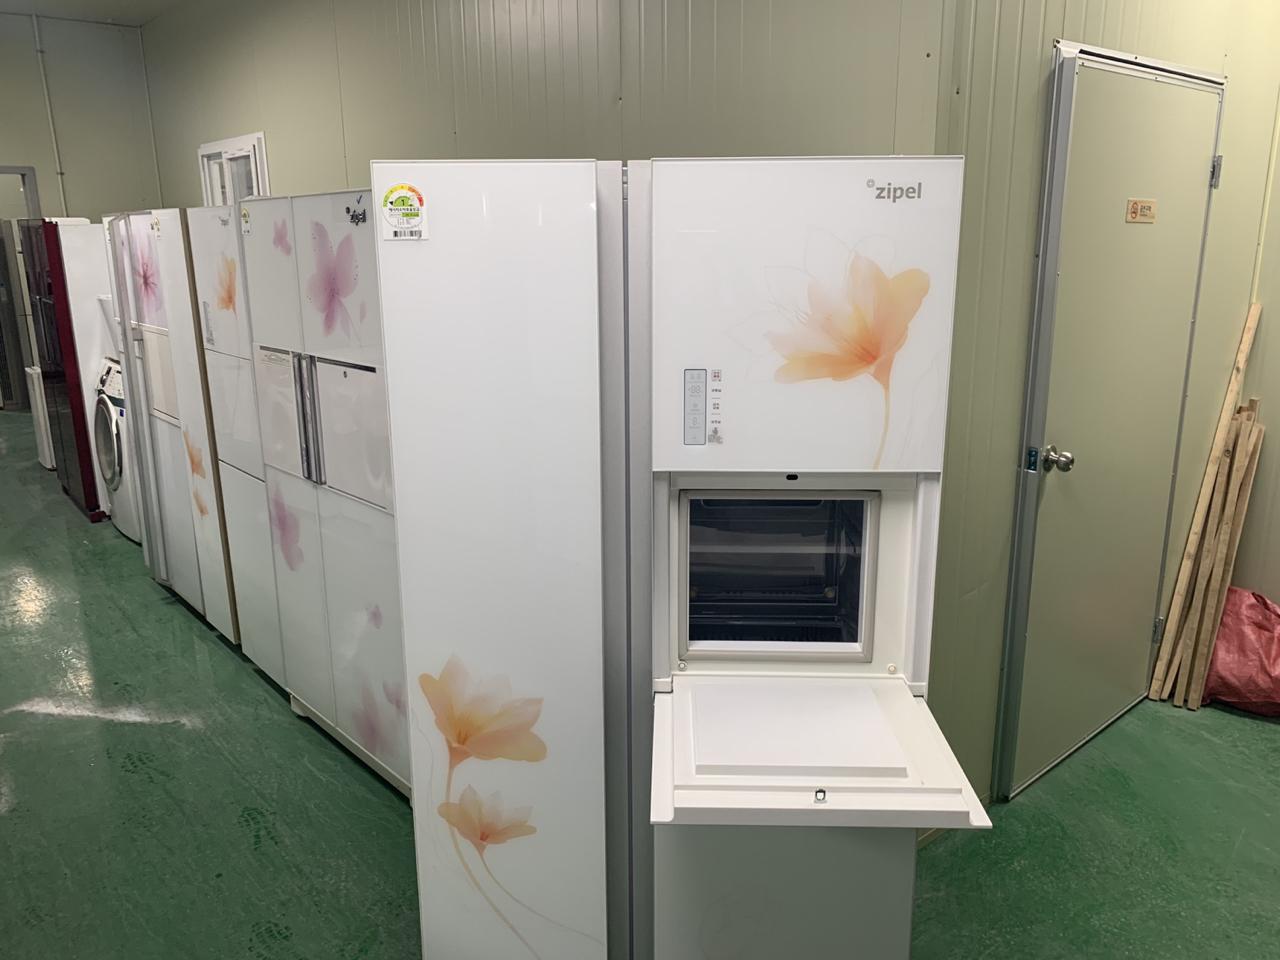 지펠 퍼니쳐스타일 양문형 홈바 냉장고 55만